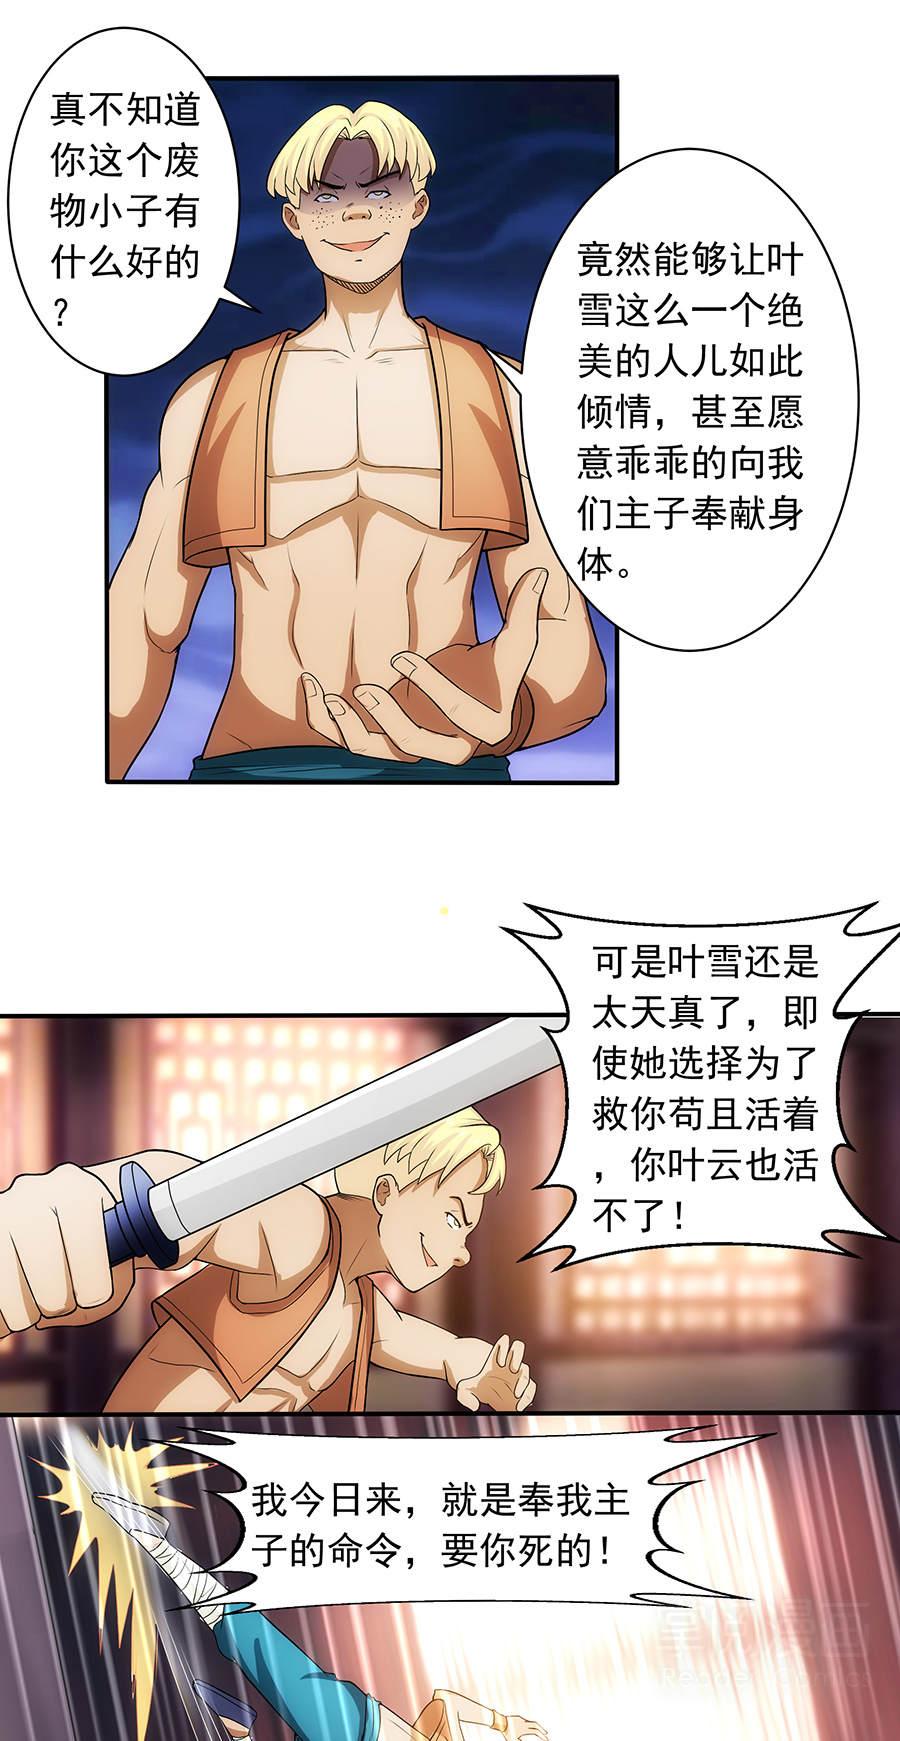 绝世剑神第2话  恶奴上门 第 12